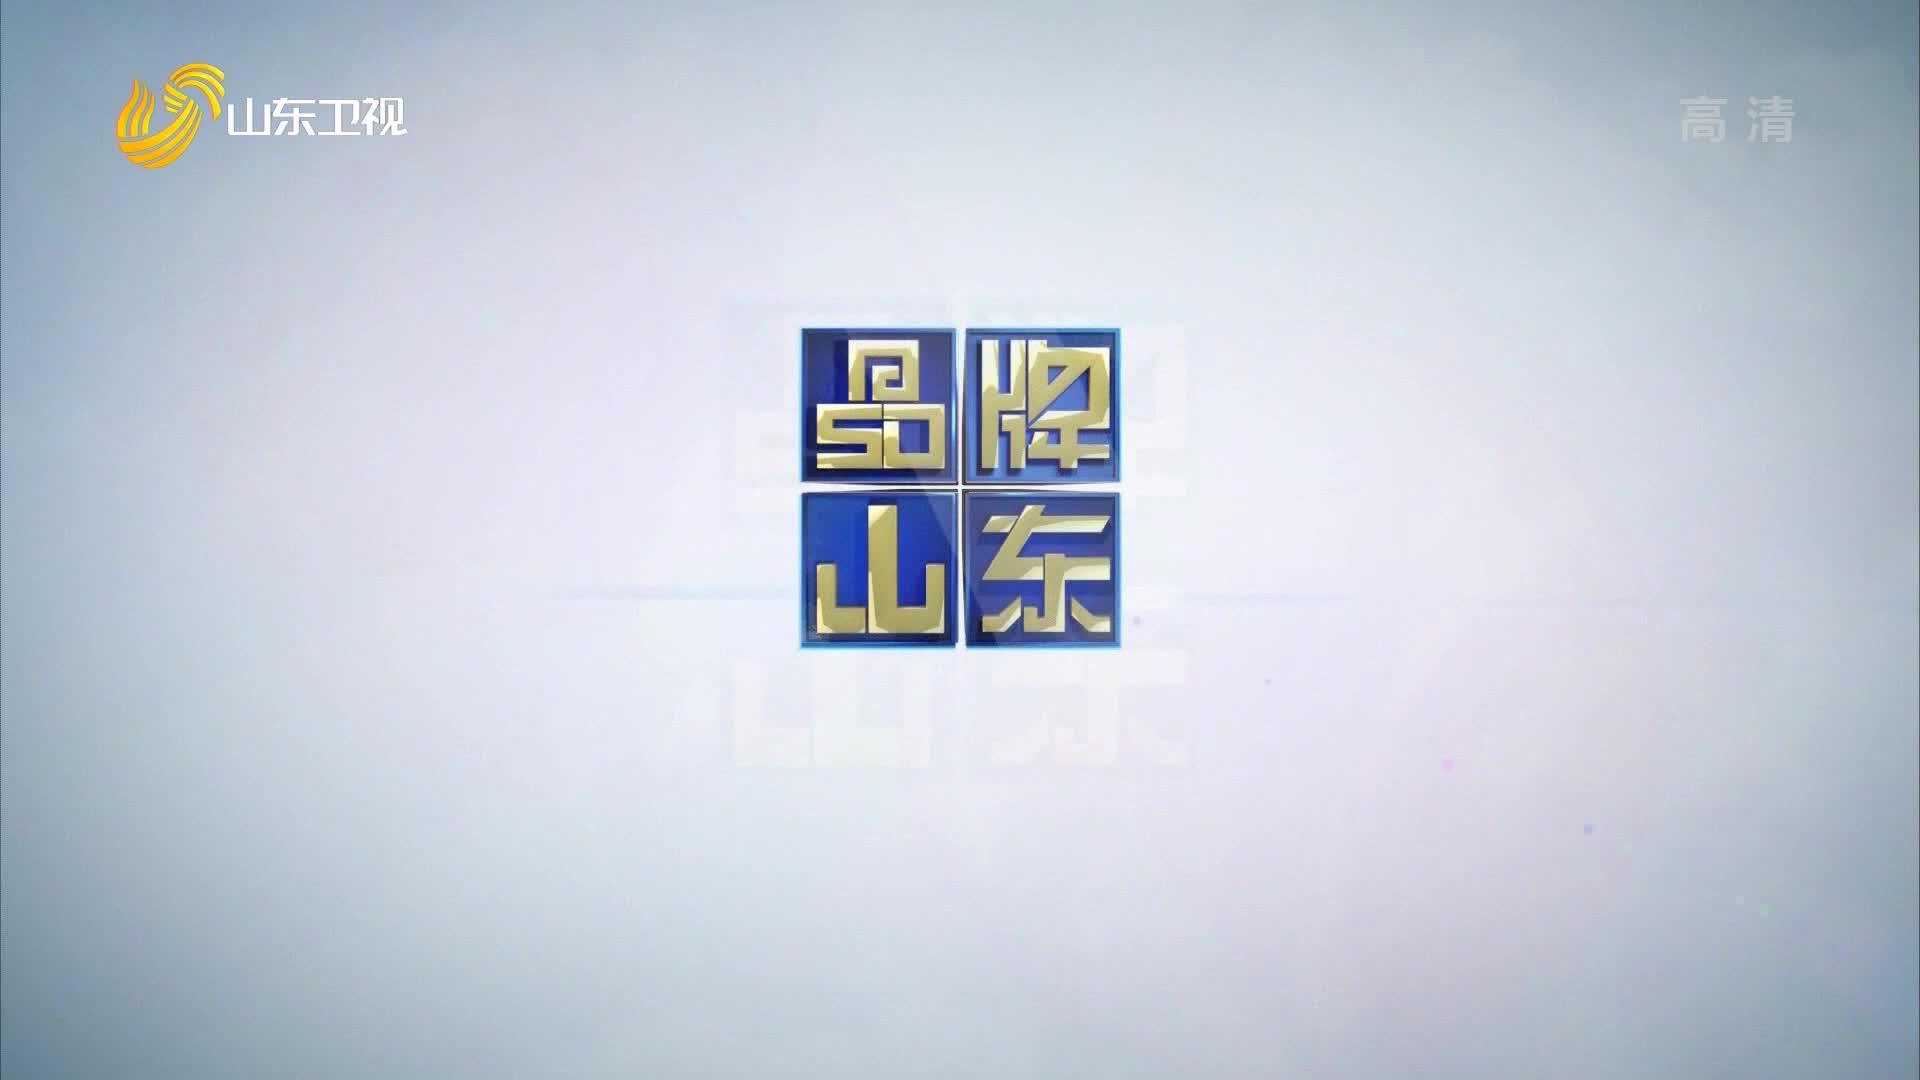 2021年02月21日《品牌山东》完整版